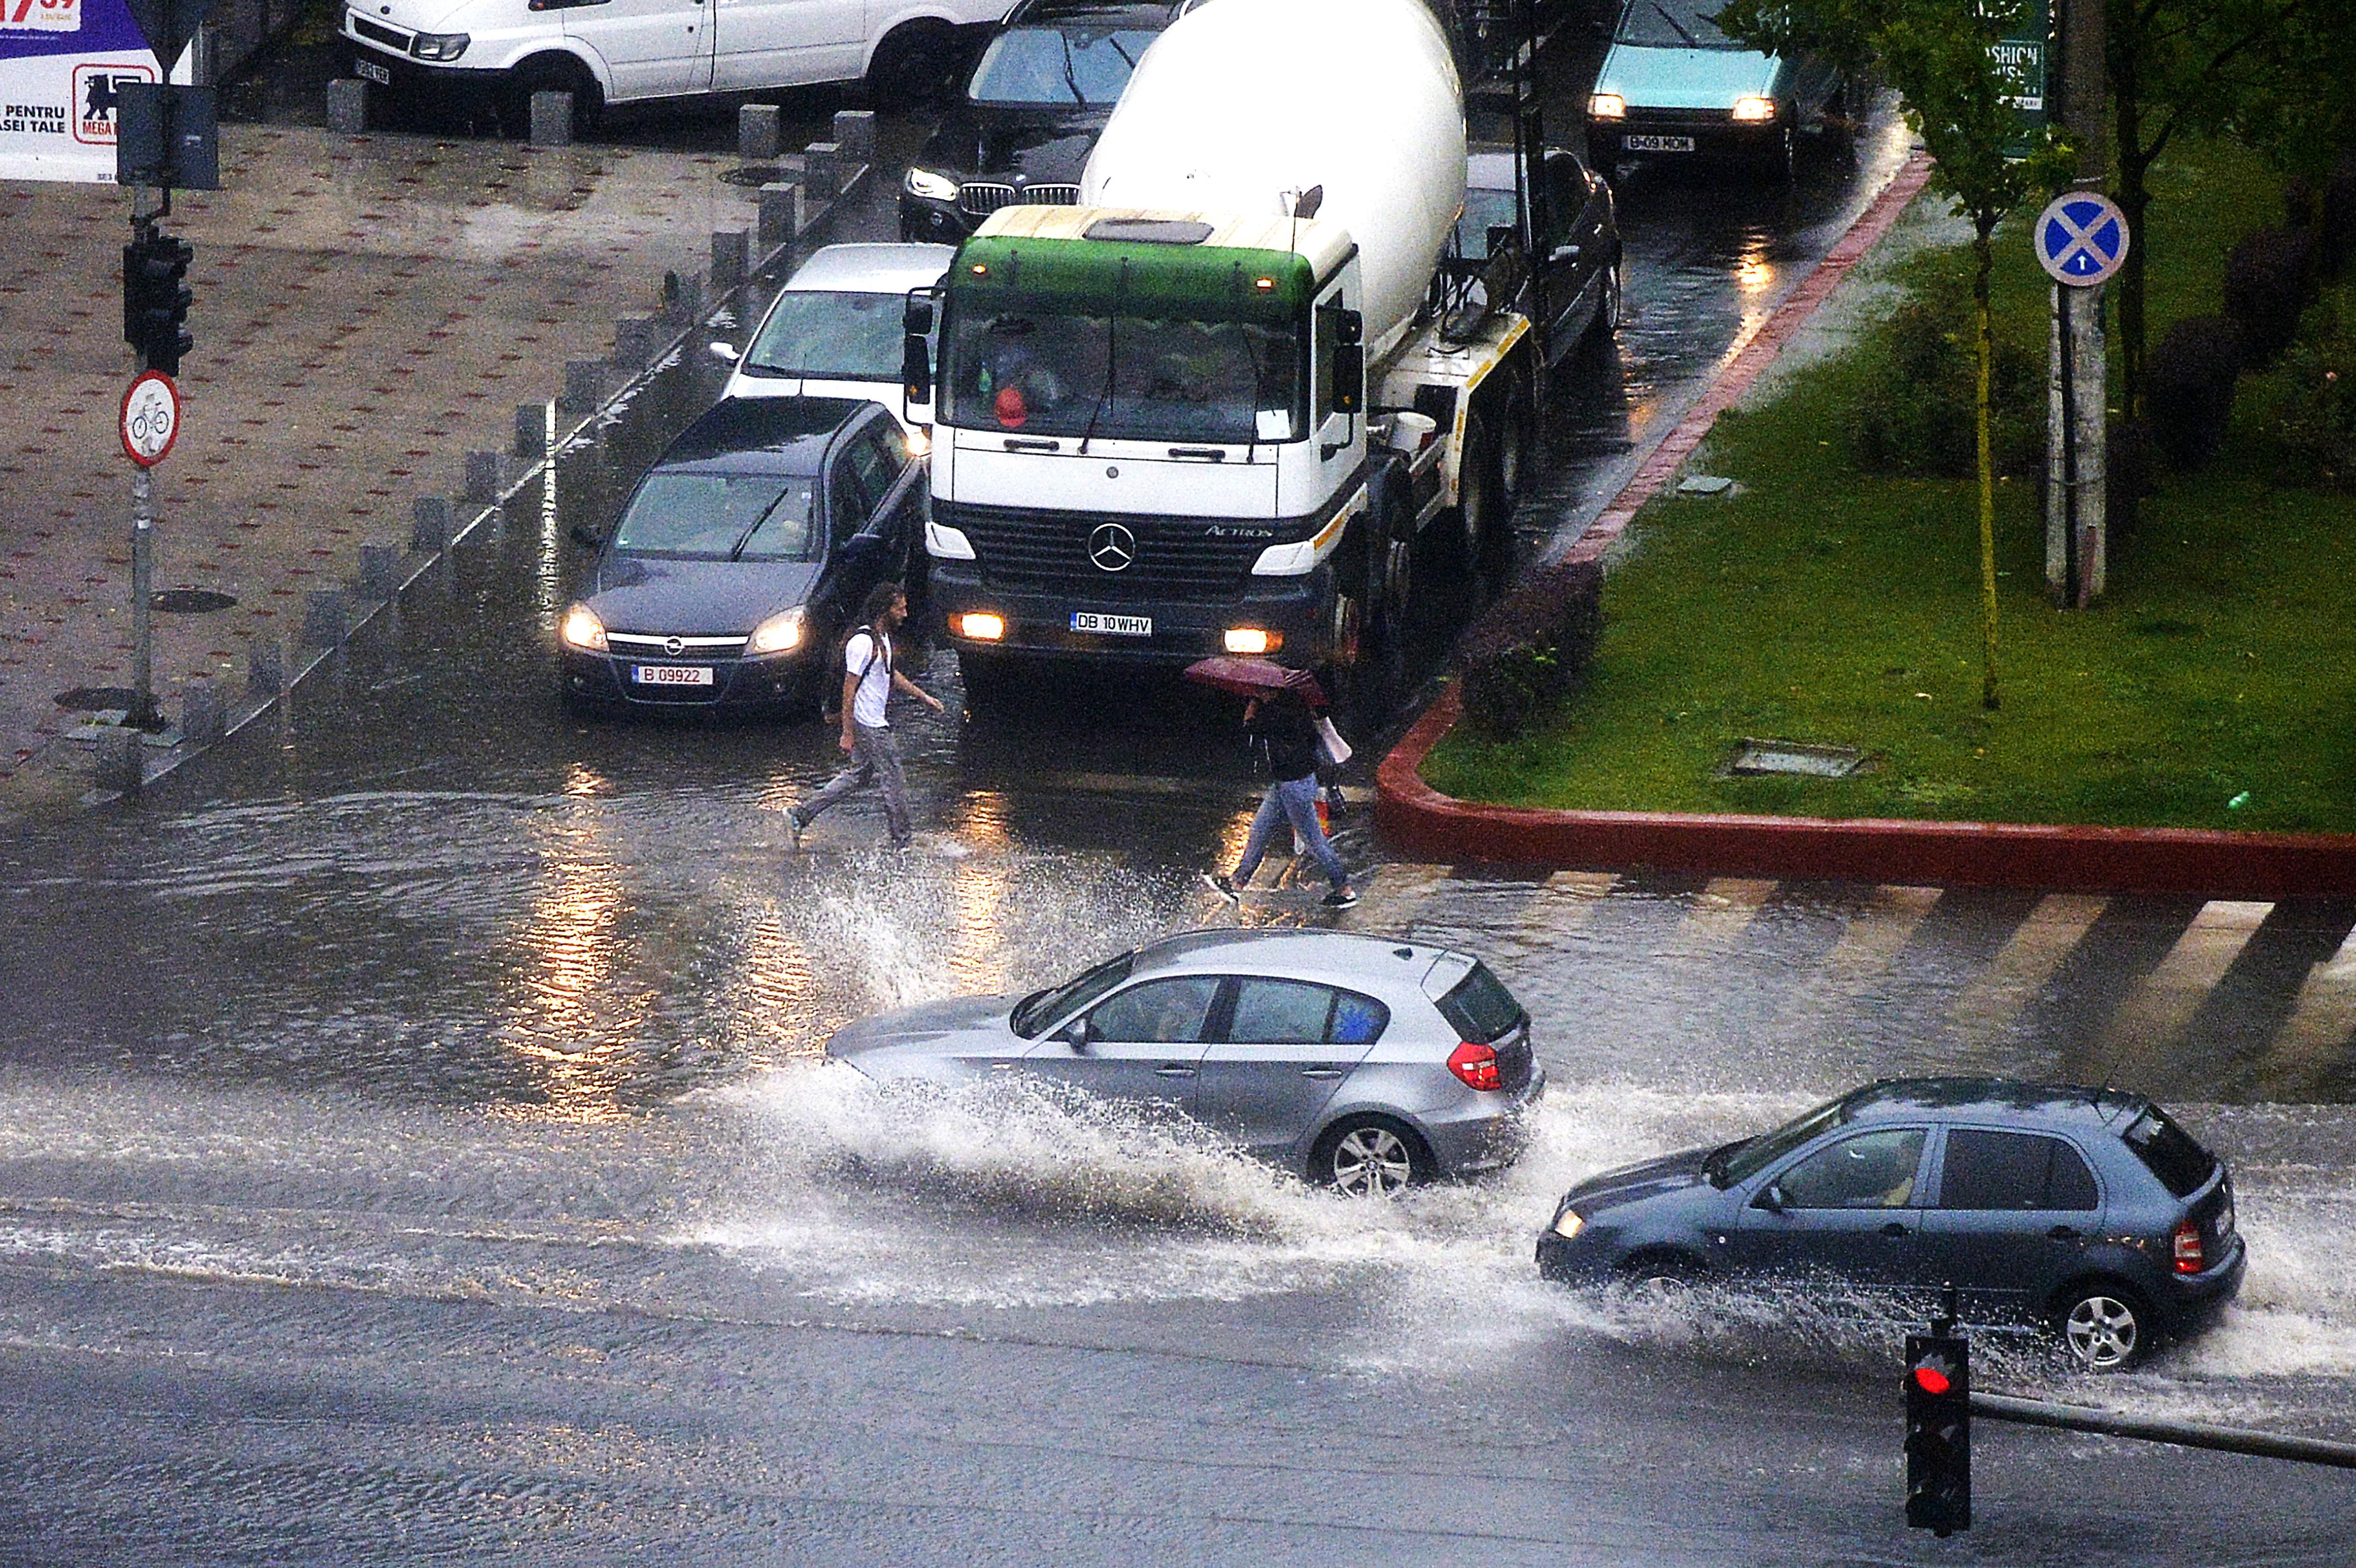 AVERTIZARE METEO: Ploi torenţiale şi grindină în aproape toată ţara/ Până când va dura vremea instabilă